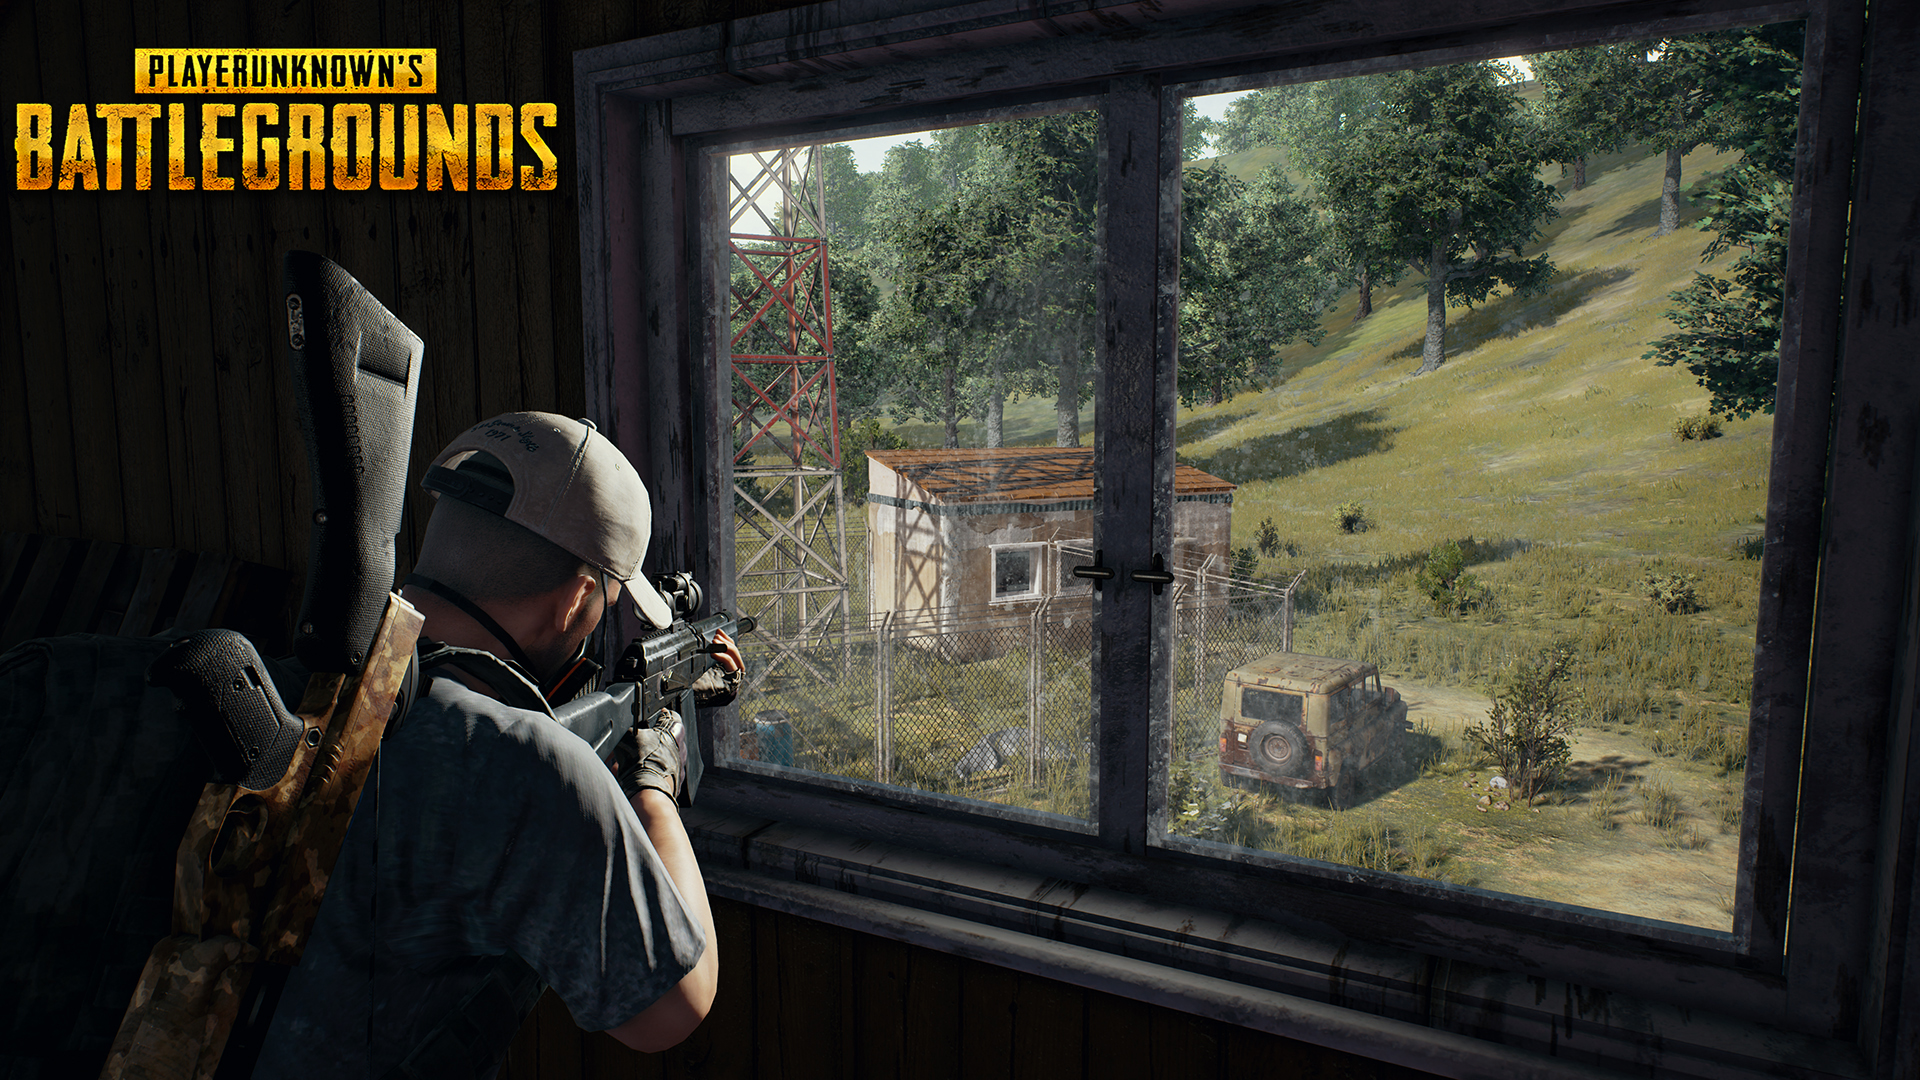 В PlayerUnknown's Battlegrounds добавят новое оружие на этой неделе: DP-28 и AUG A3